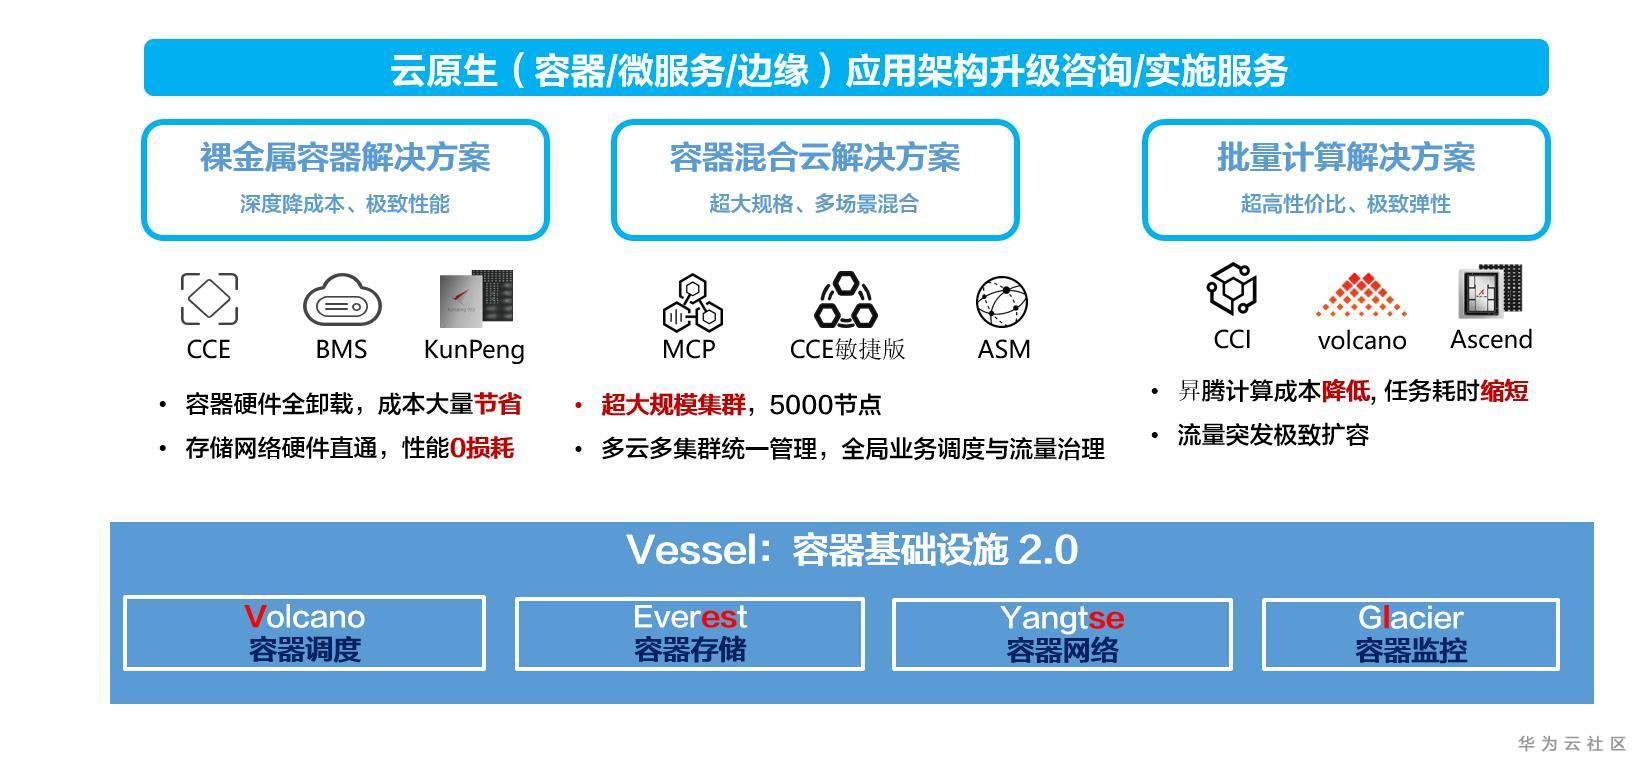 华为云容器业务全景图.jpg